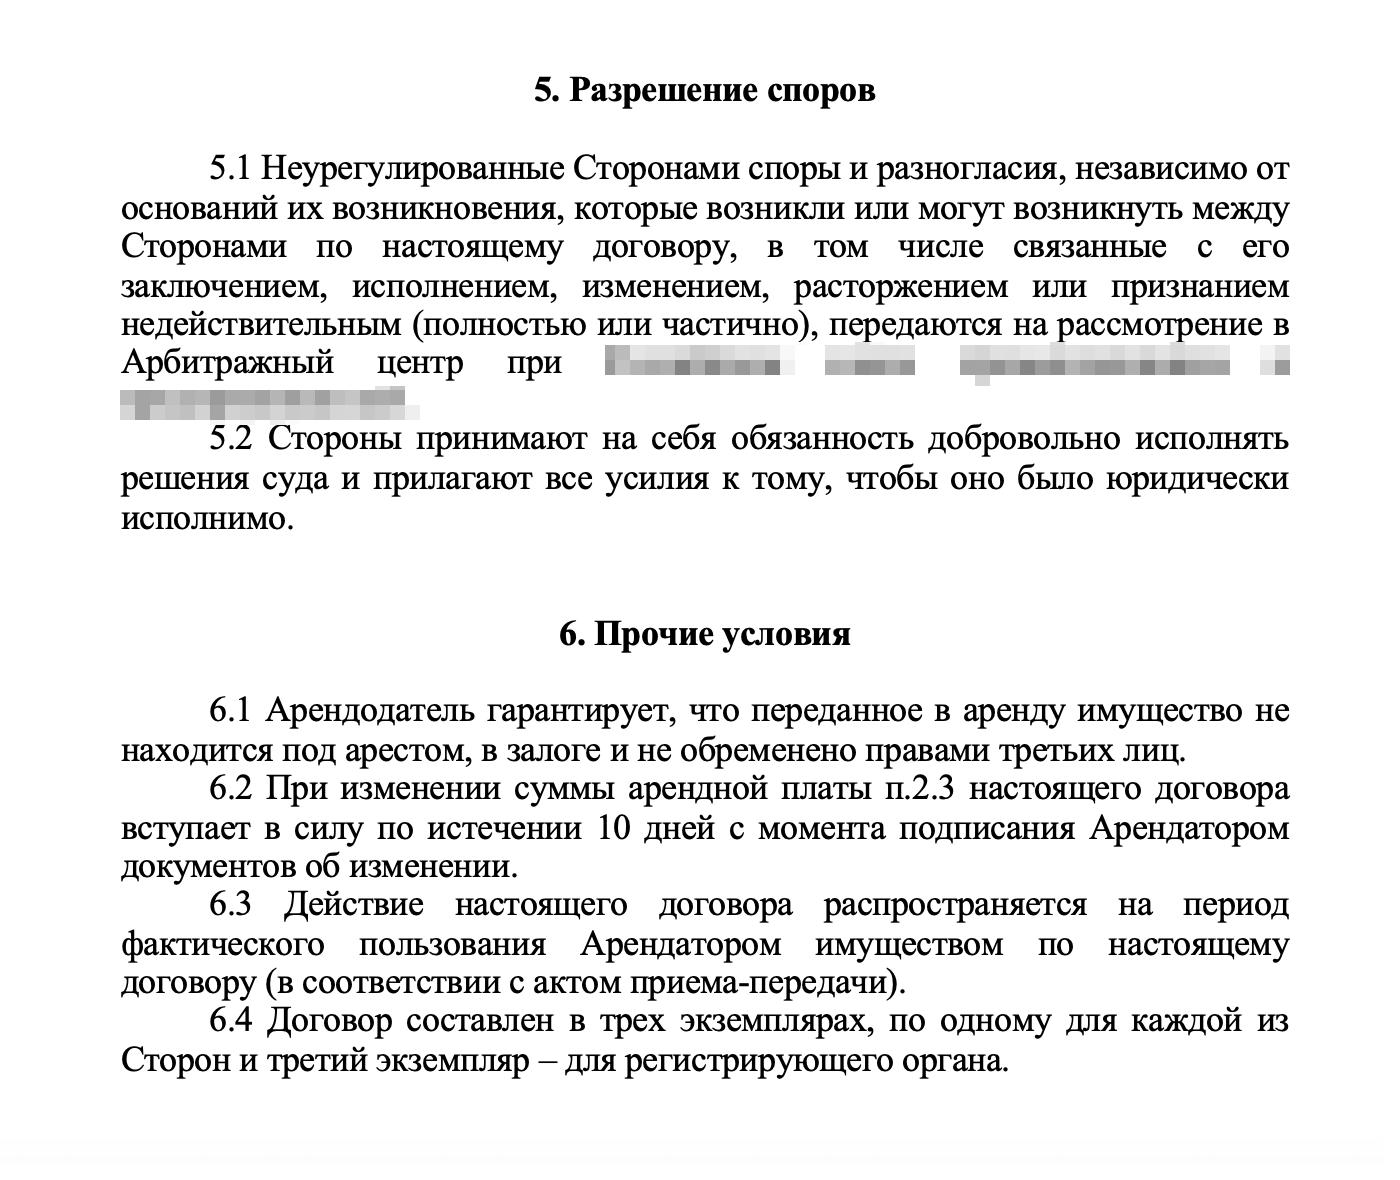 Согласно пункту 5.1 споры будут решаться в каком-то Арбитражном центре. Это негосударственный суд. Почему собственник хочет судиться именно там — большой вопрос